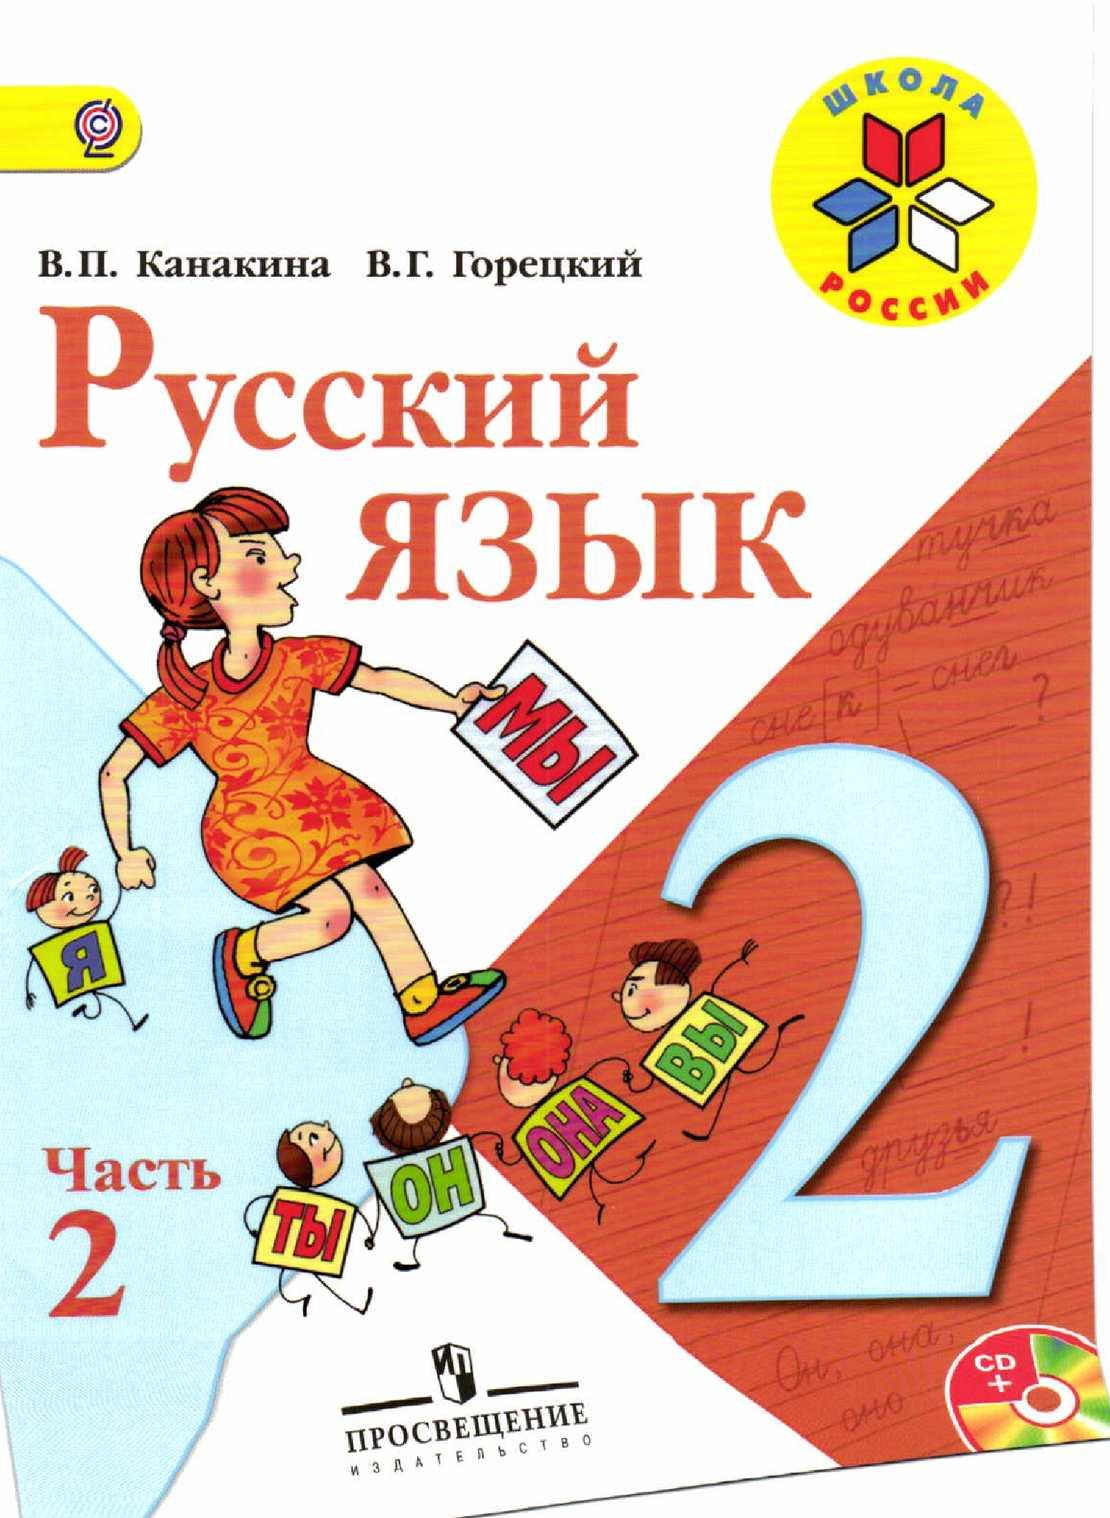 решебник по русскому языку 2 класс 2 часть в. п. канакина в. г.горецкий